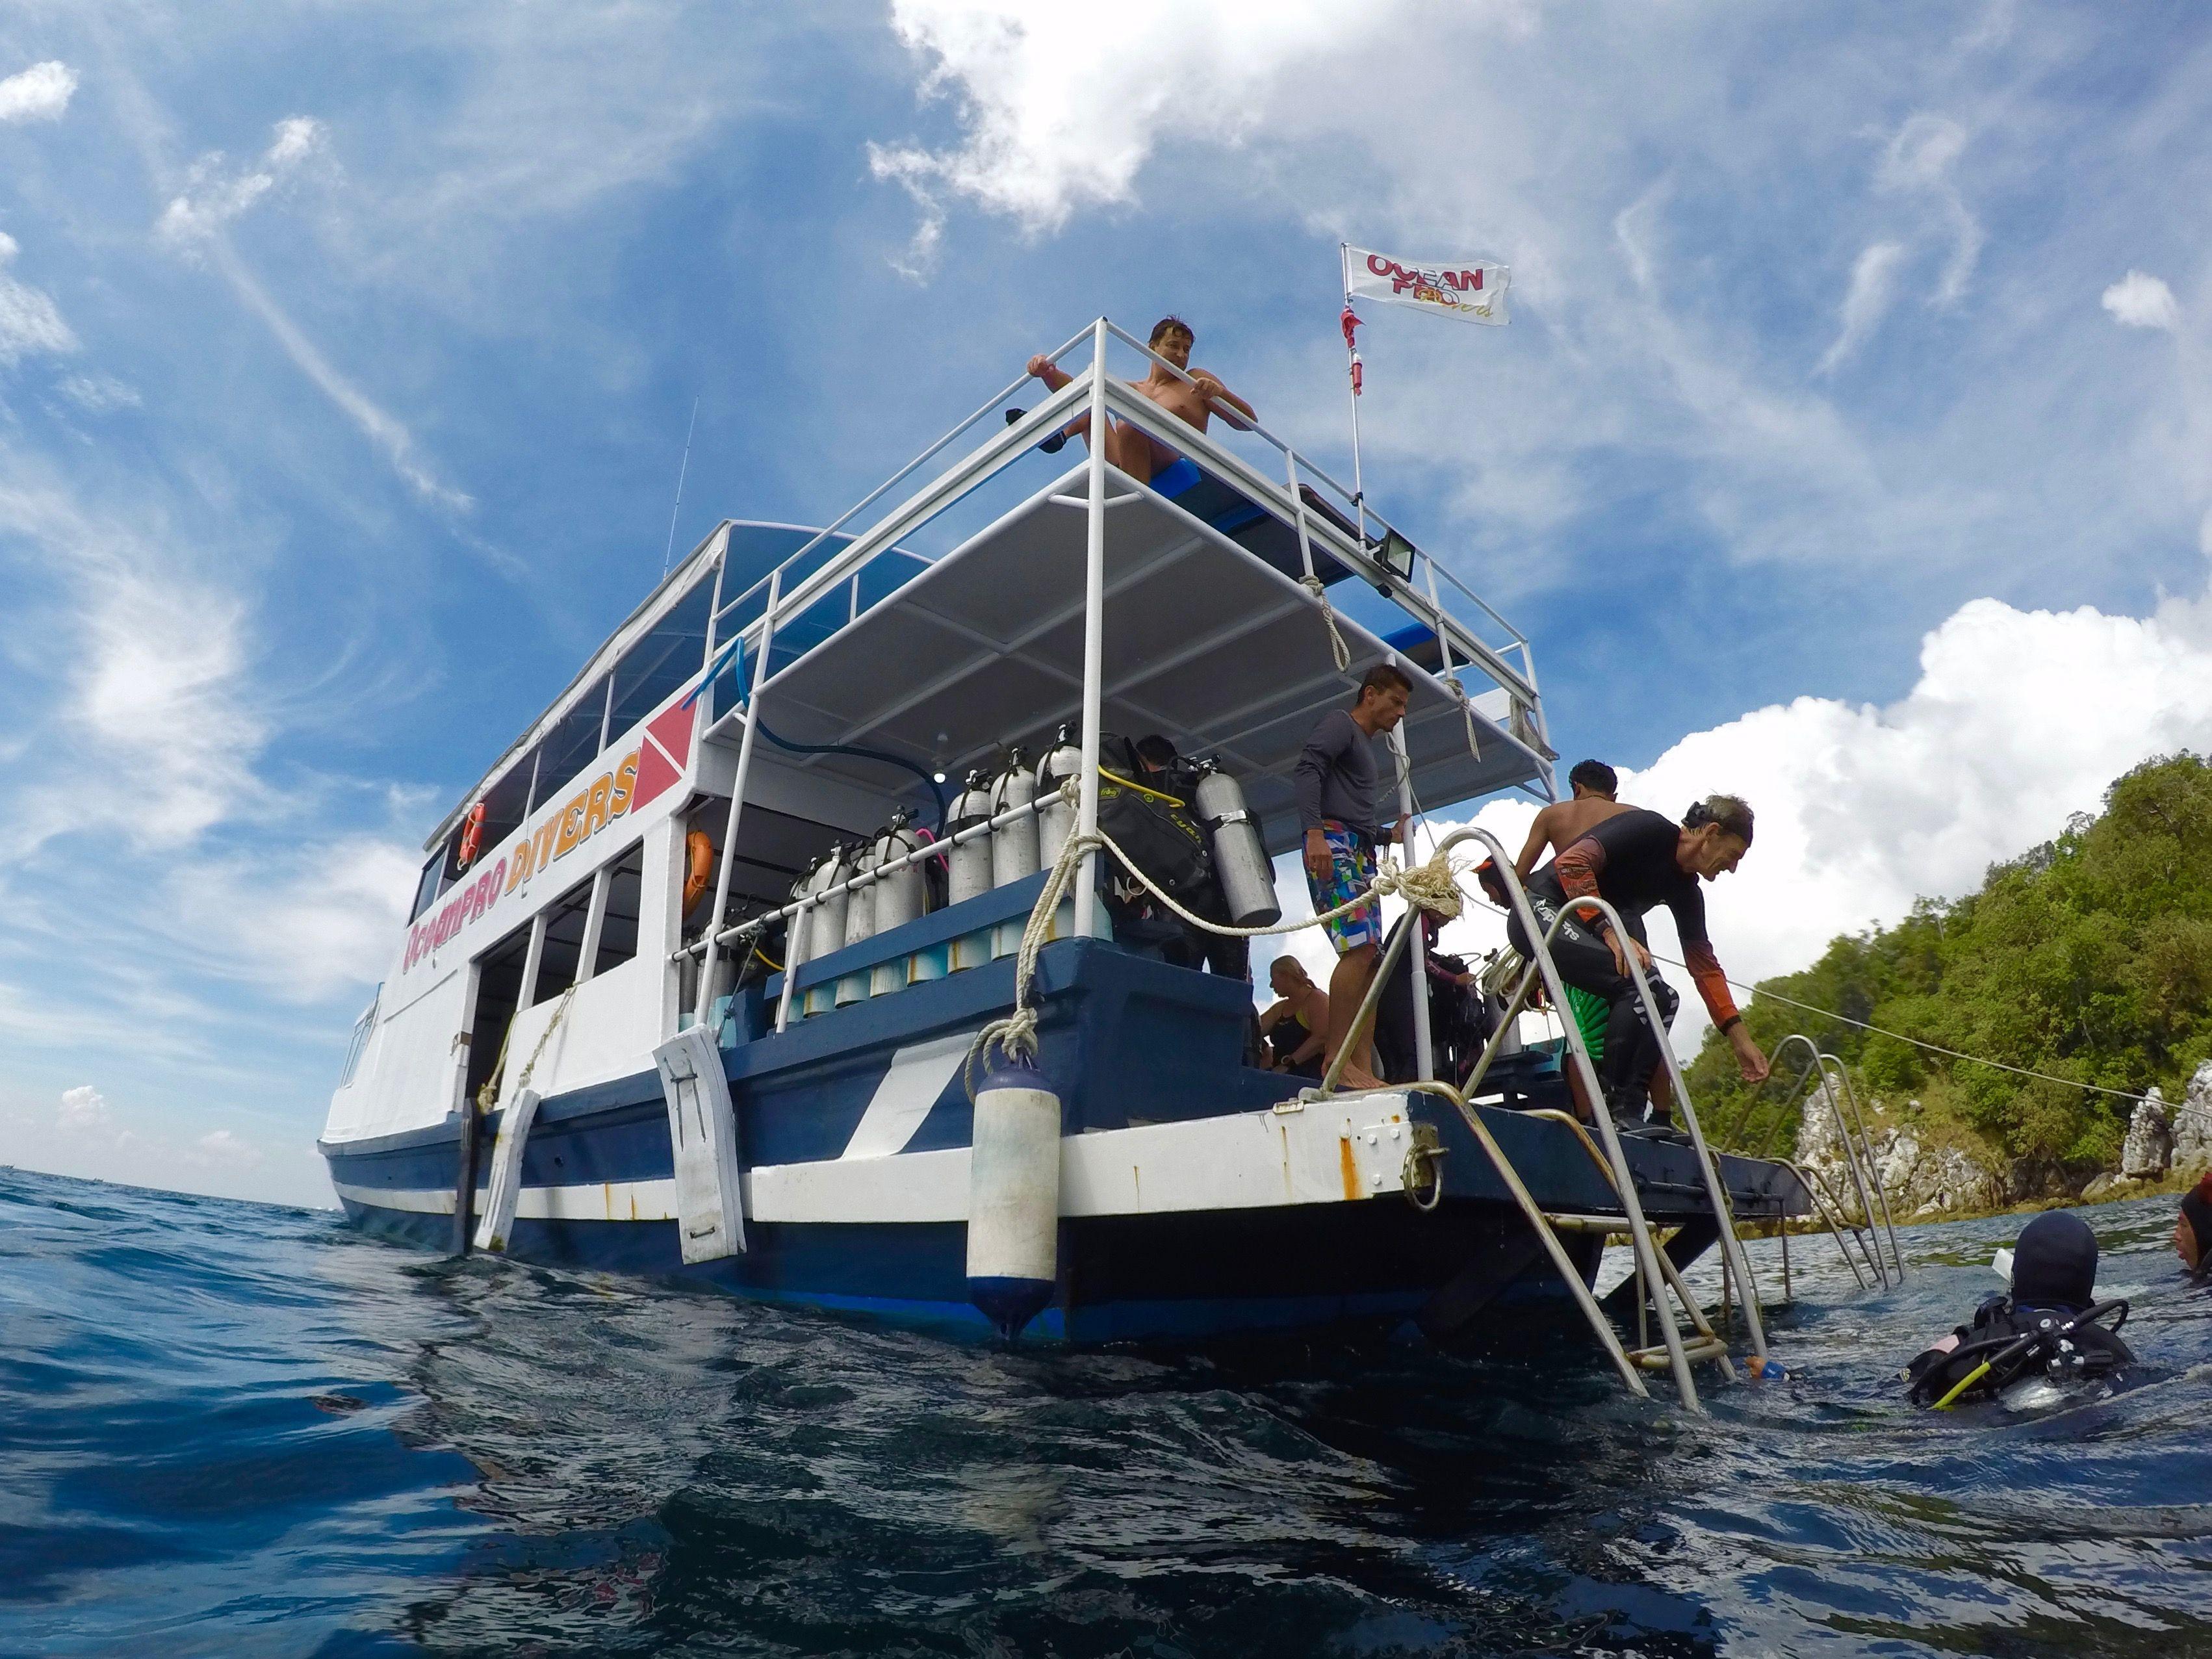 Tauchboot auf Koh Lipe (Beispielbild). Foto: Sascha Tegtmeyer